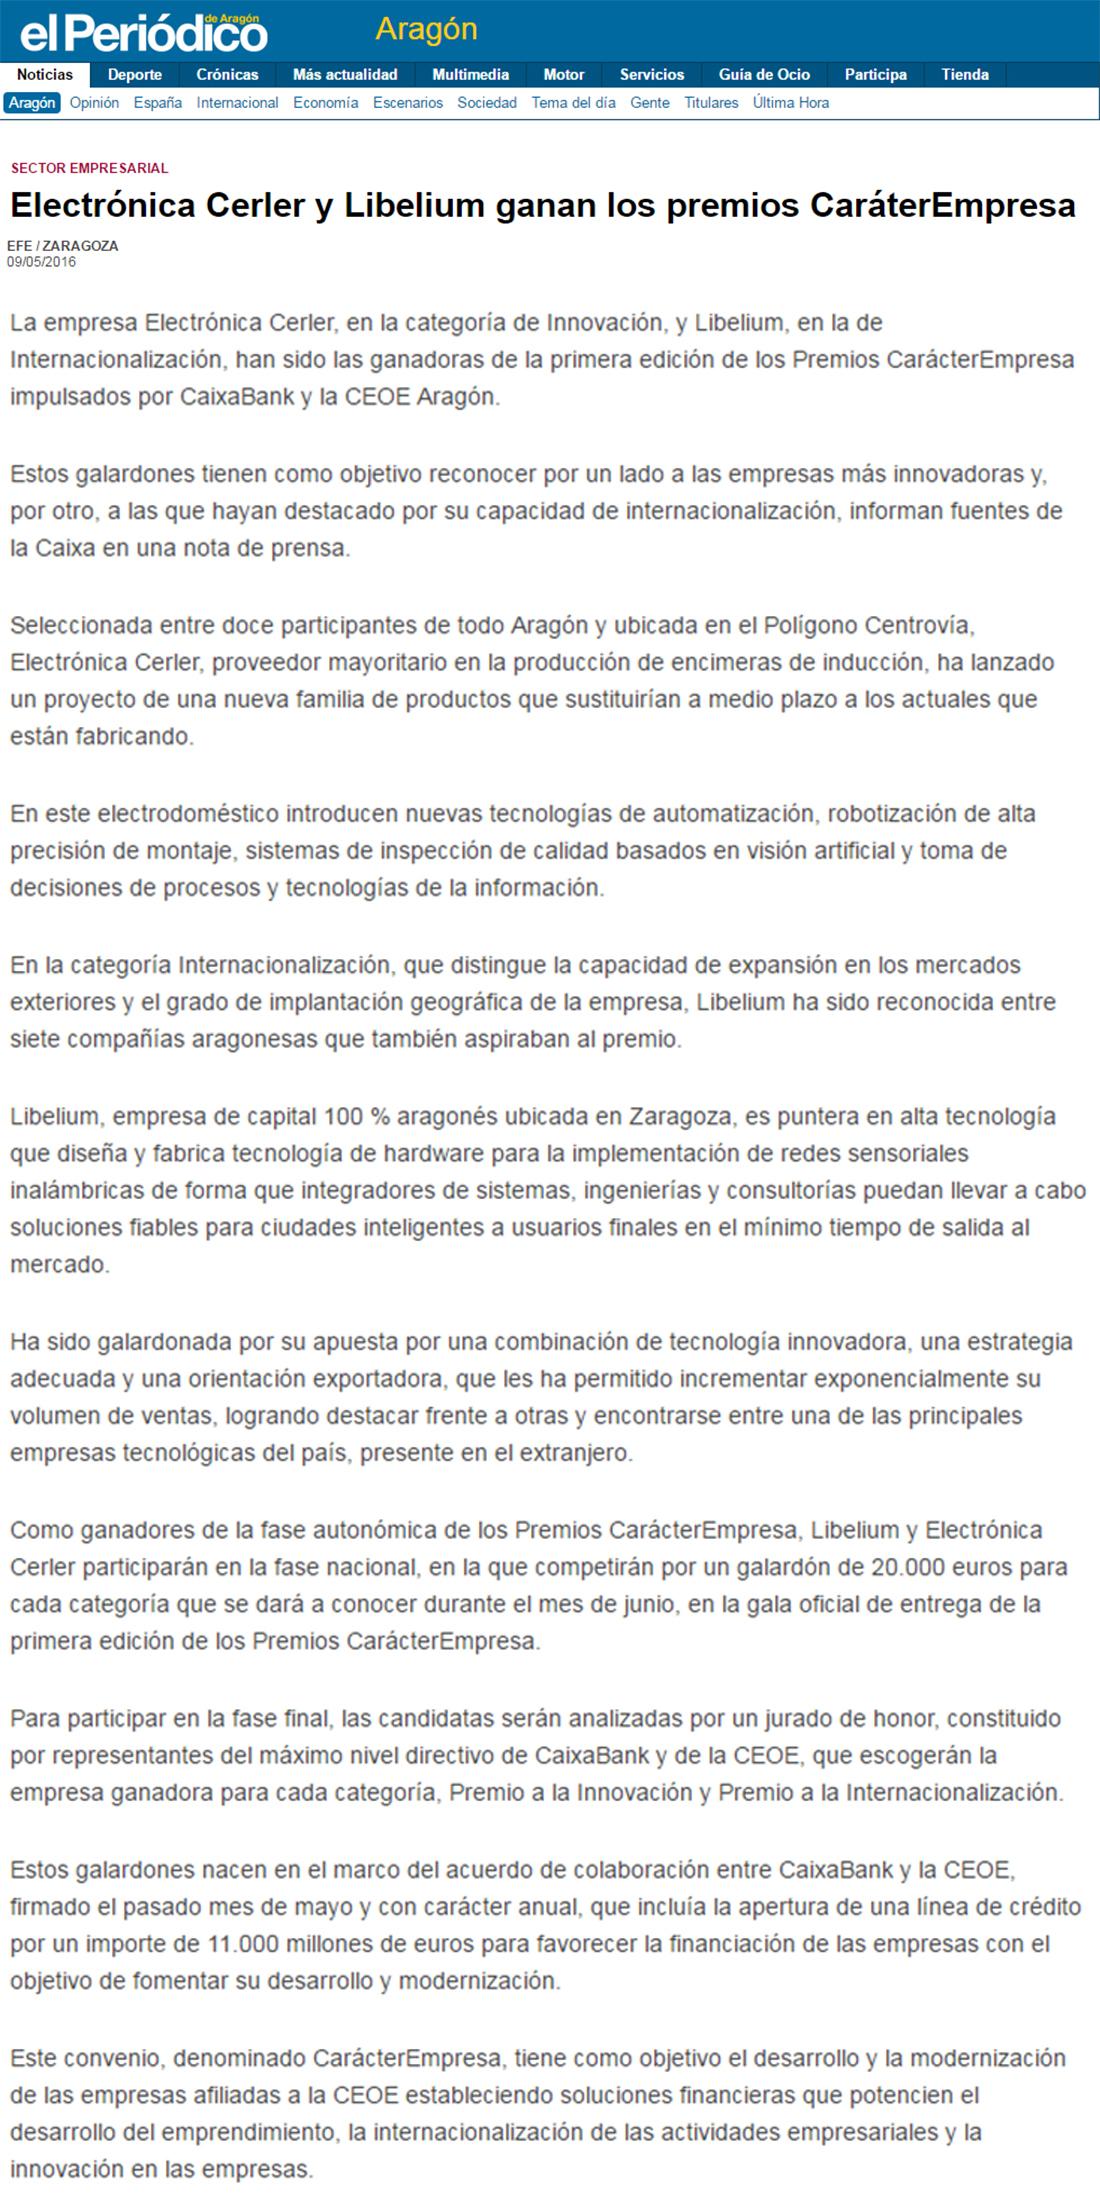 El Periódico de Aragón – Electrónica Cerler y Libelium ganan los premios CaráterEmpresa